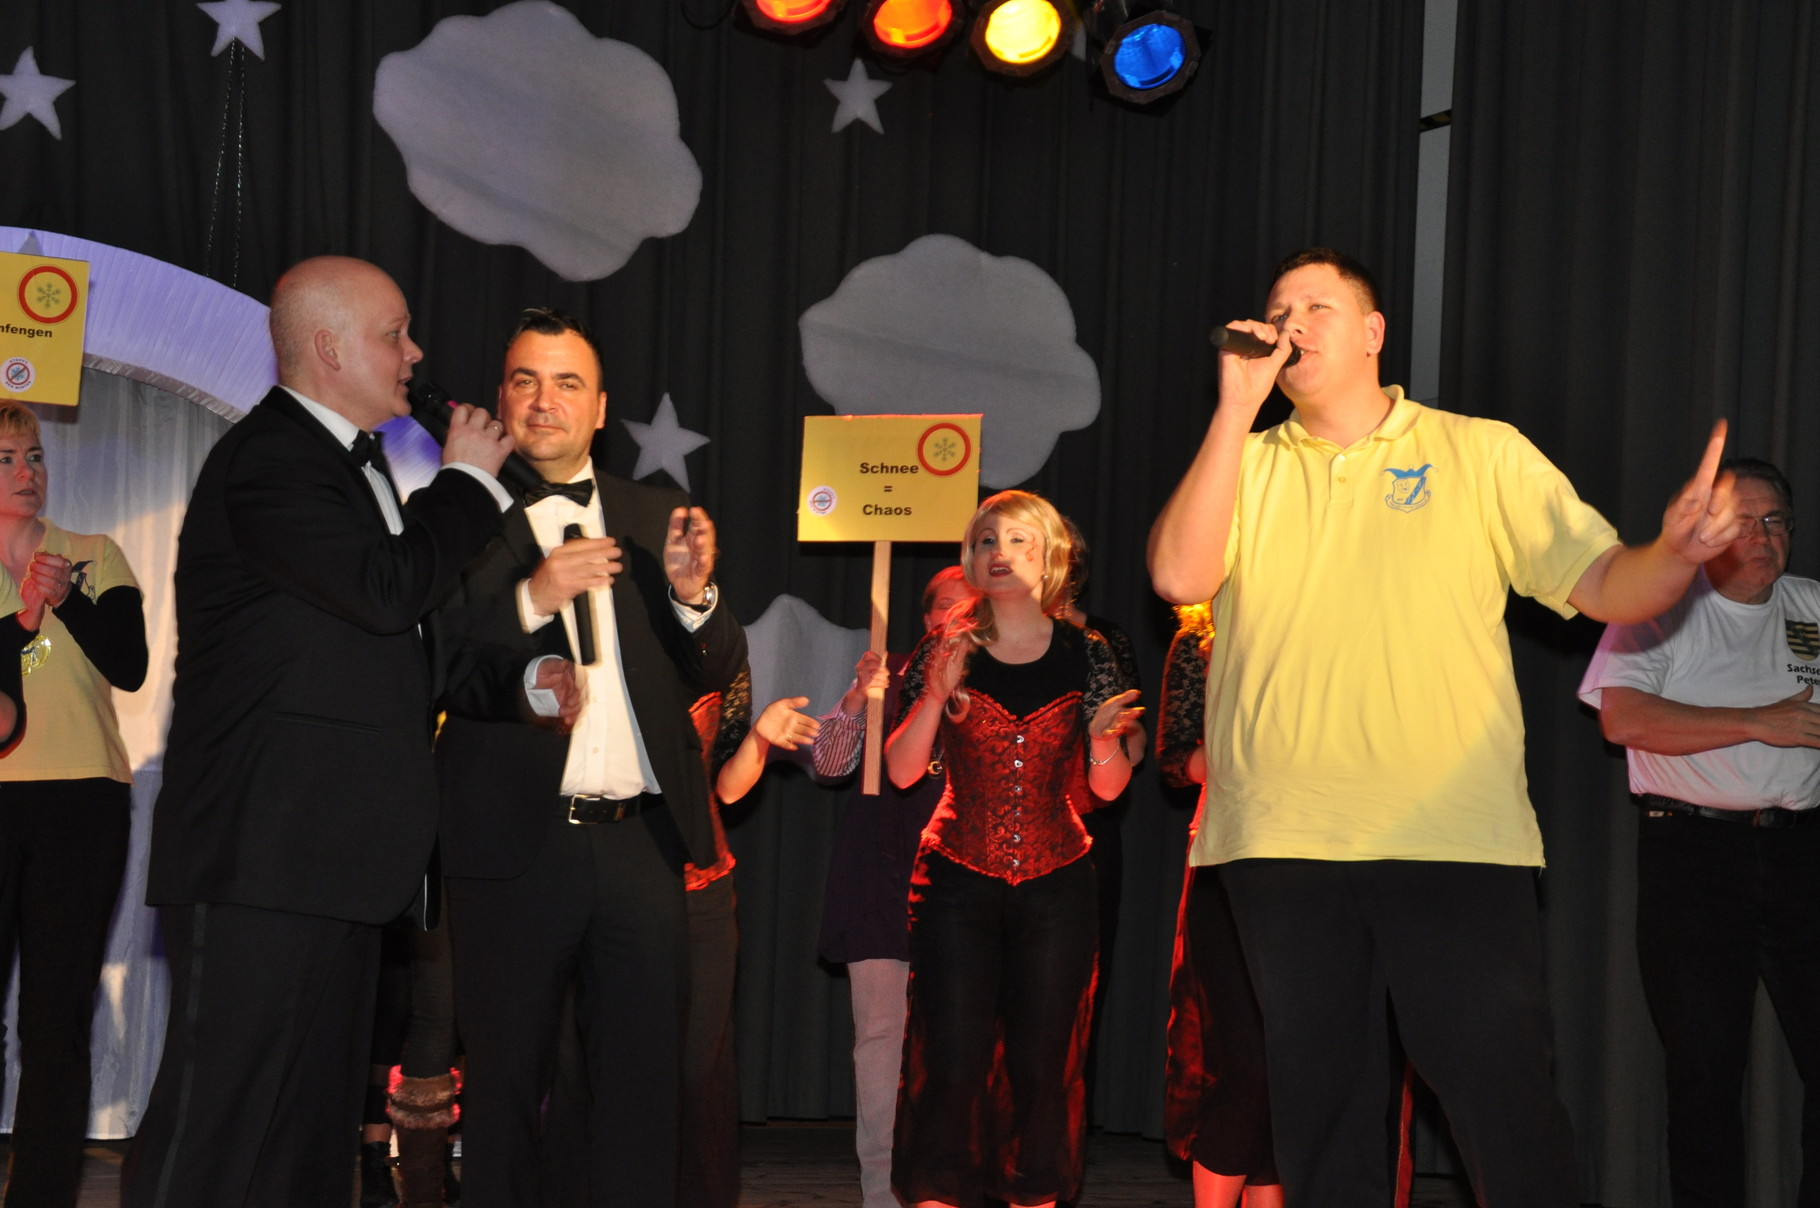 Die gesungene Hymne des DCV beschließt den Abend. Wir bedanken uns bei unserem Publikum und allen Rednern!